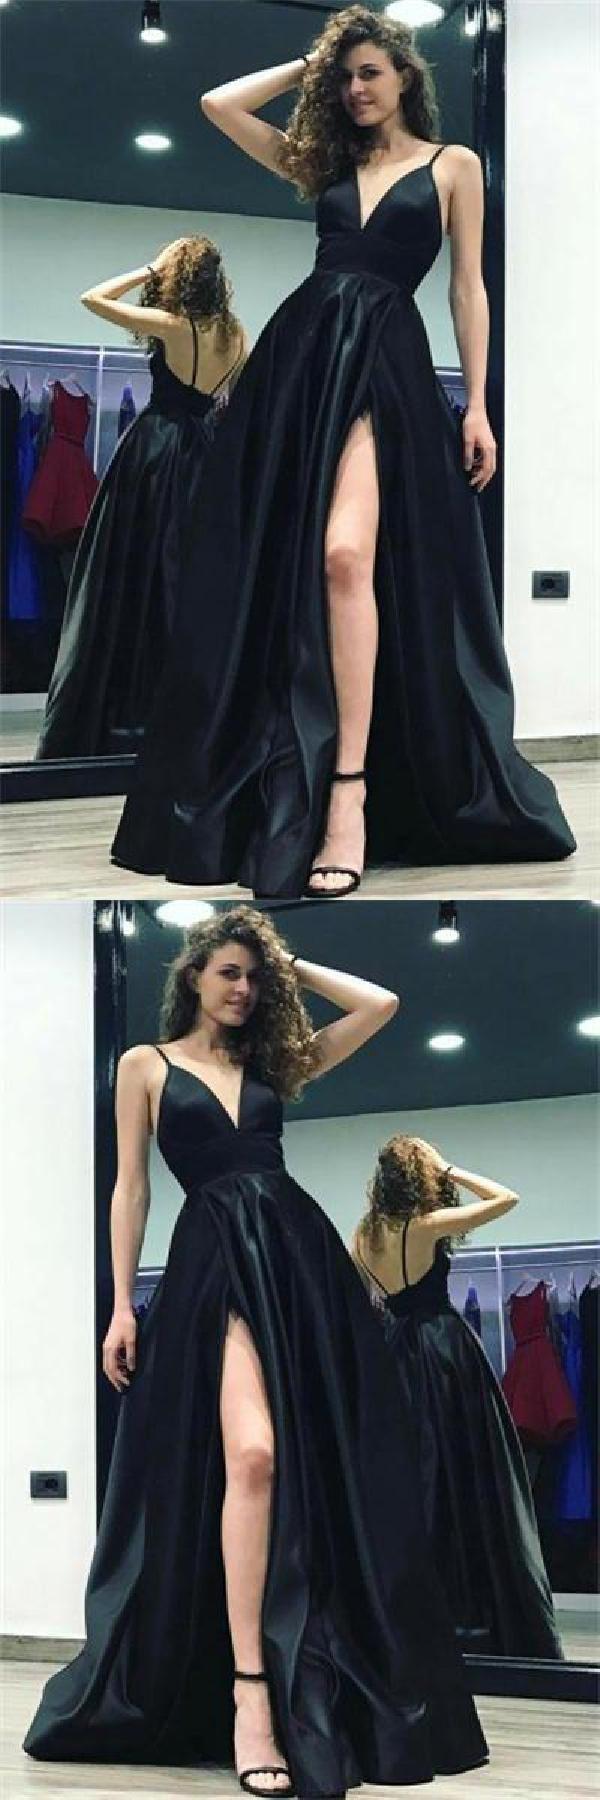 Outlet Easy Prom Dresses Günstige, rückenfreie Ballkleider ...